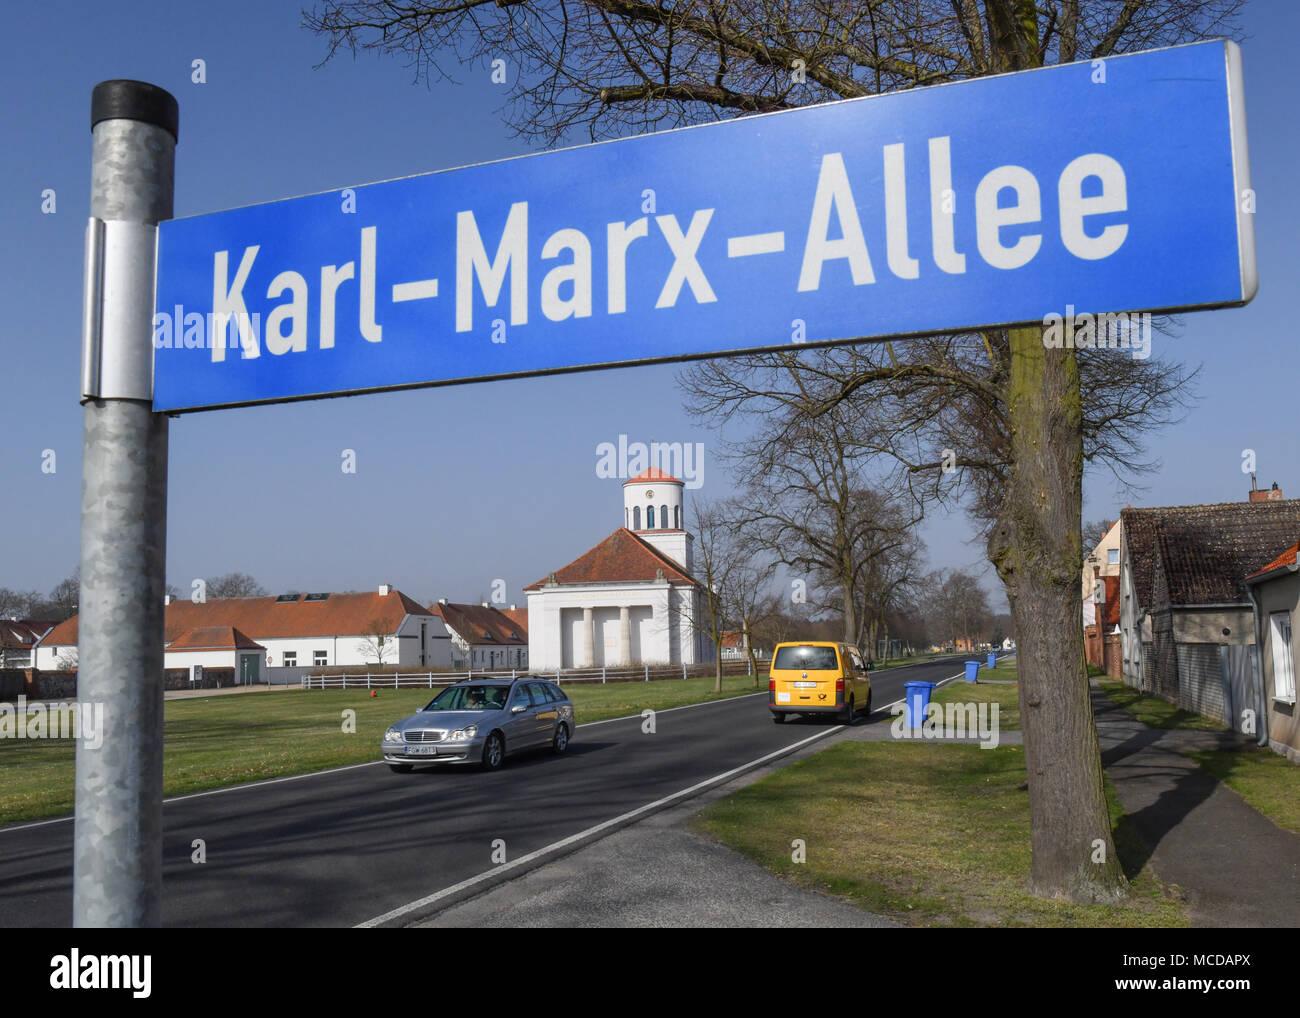 10 avril 2018, l'Allemagne, Neuhardenberg: une rue signe lit Karl-Marx-Allee. La ville a été précédemment connu comme Marxwalde allemand après le philosophe, économiste et théoricien social Karl Marx (05 mai, 1818 - 14 mars, 1883) au cours de l'ère de la RDA et renommé à Neuhardenberg après la chute du Mur de Berlin. Photo: Patrick Pleul/dpa-Zentralbild/dpa Banque D'Images